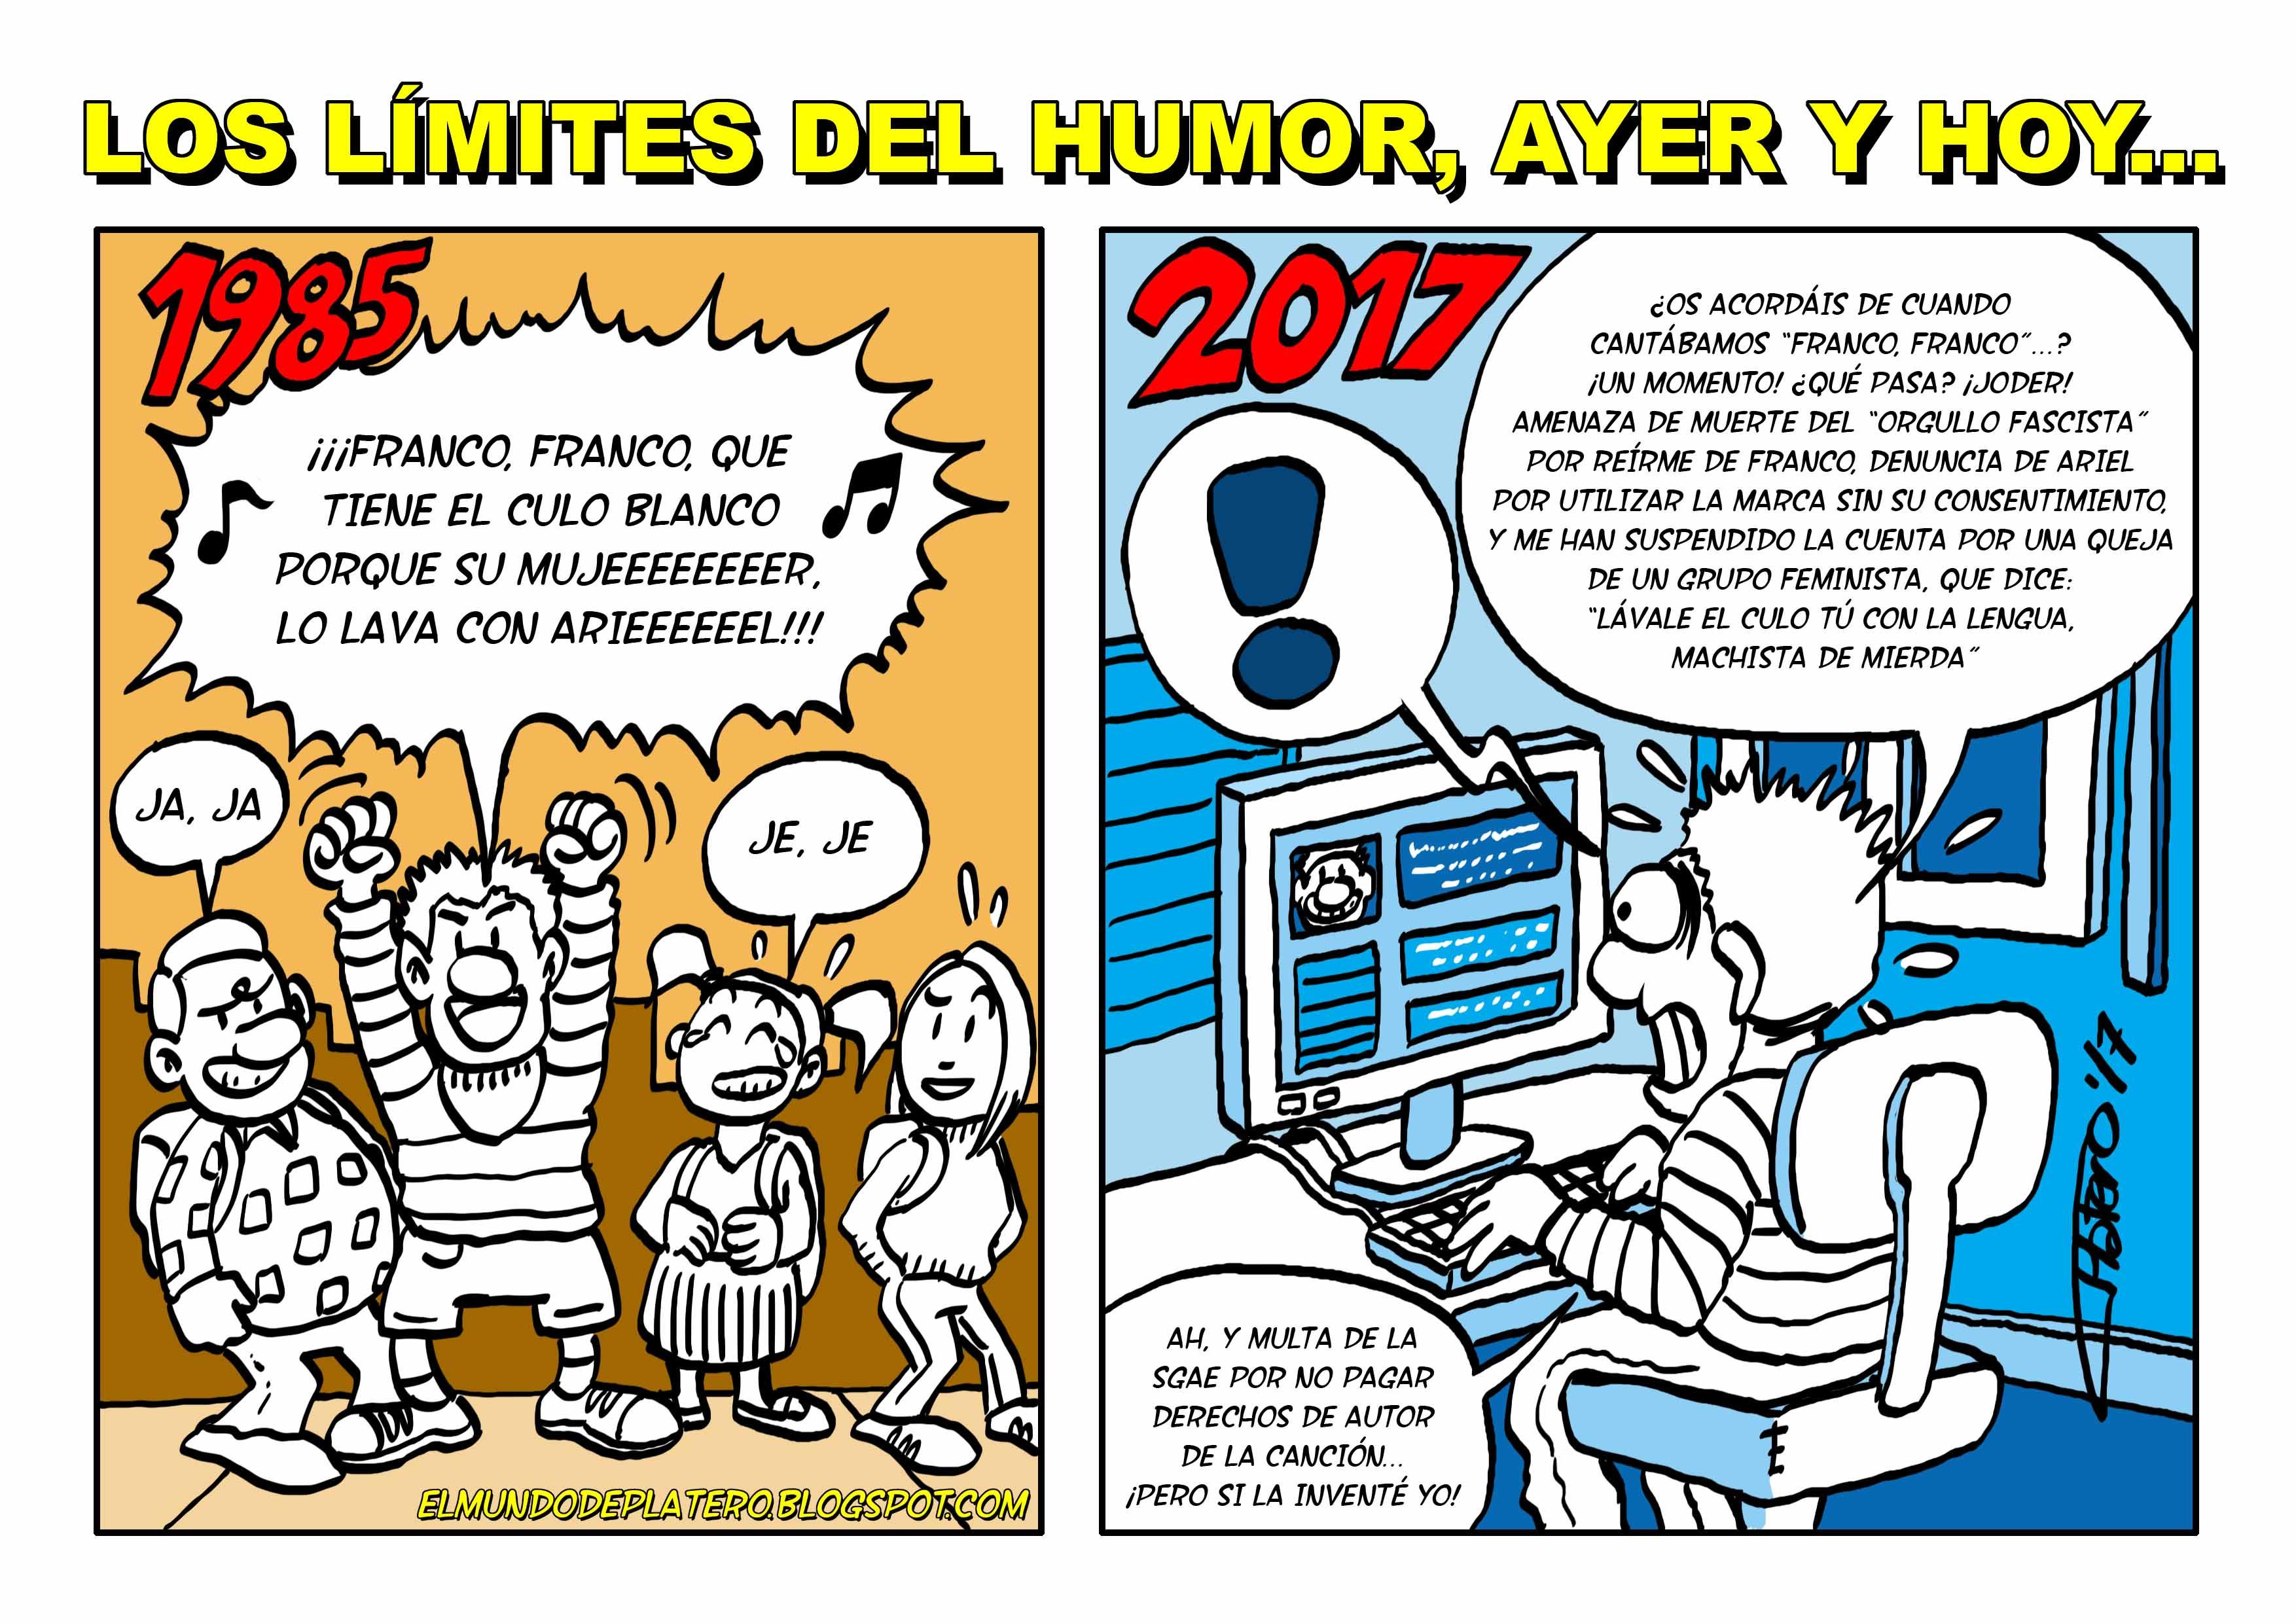 limites del humor_redes sociales_franco